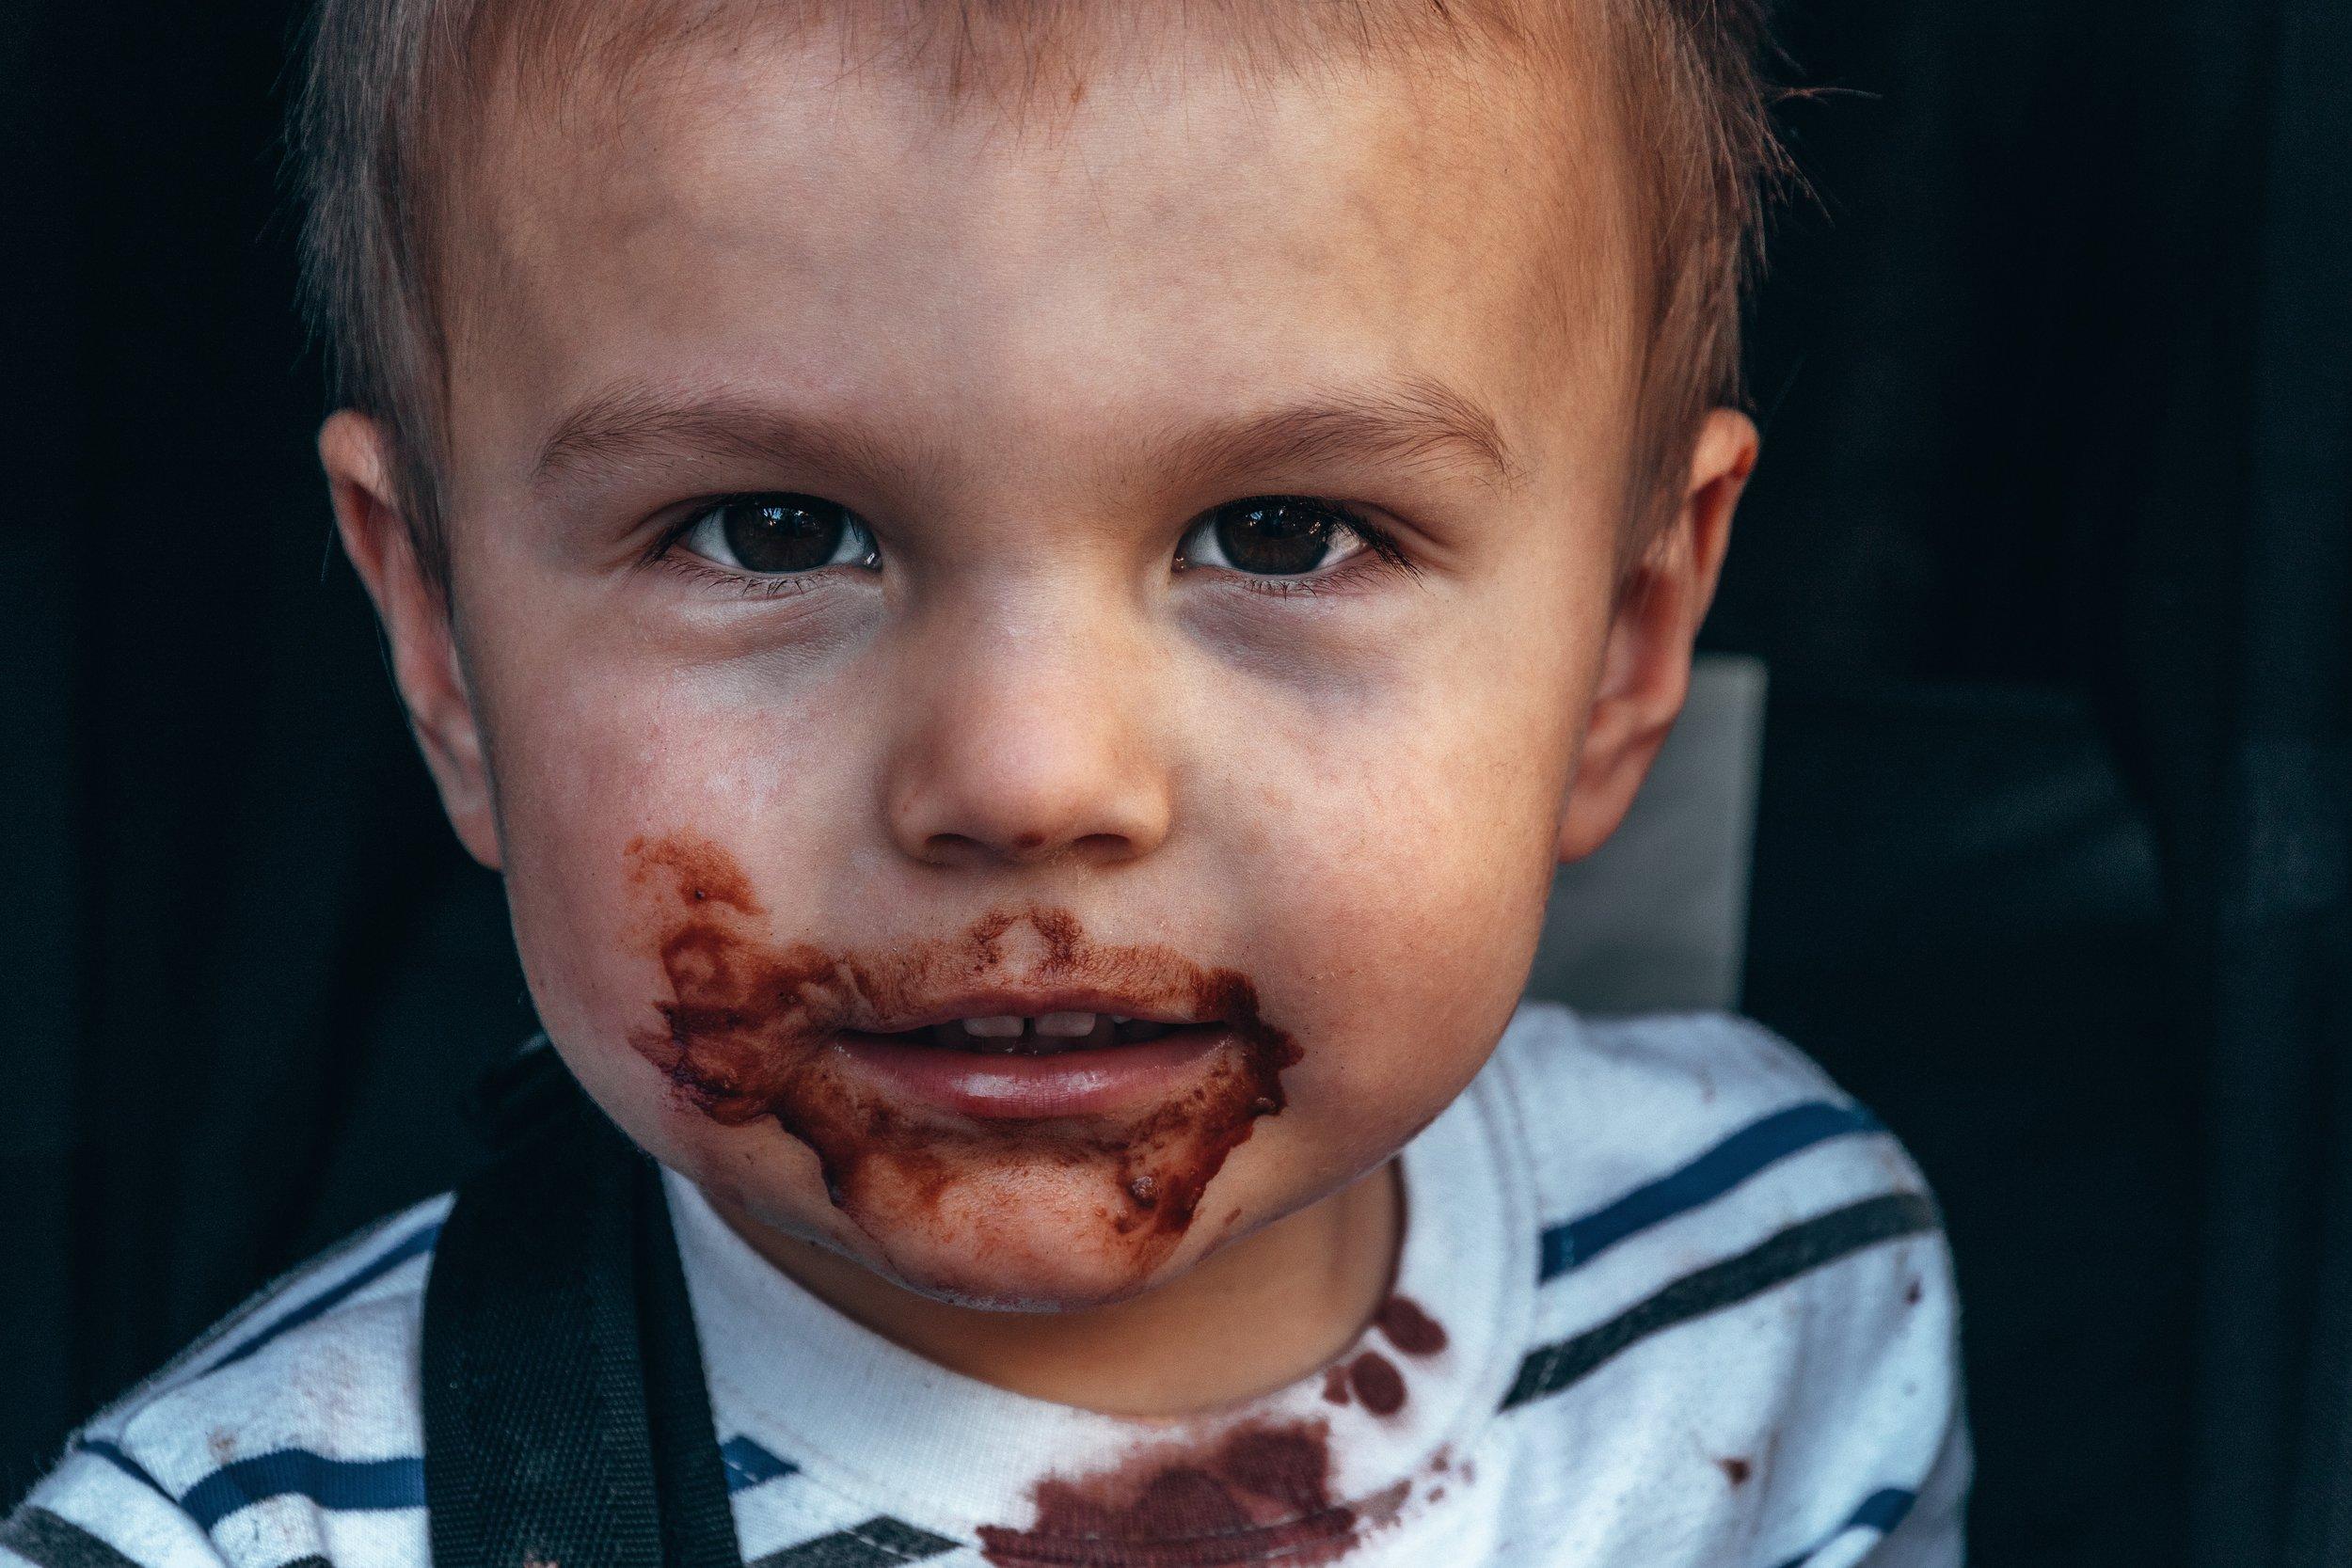 Kid Eating.jpg